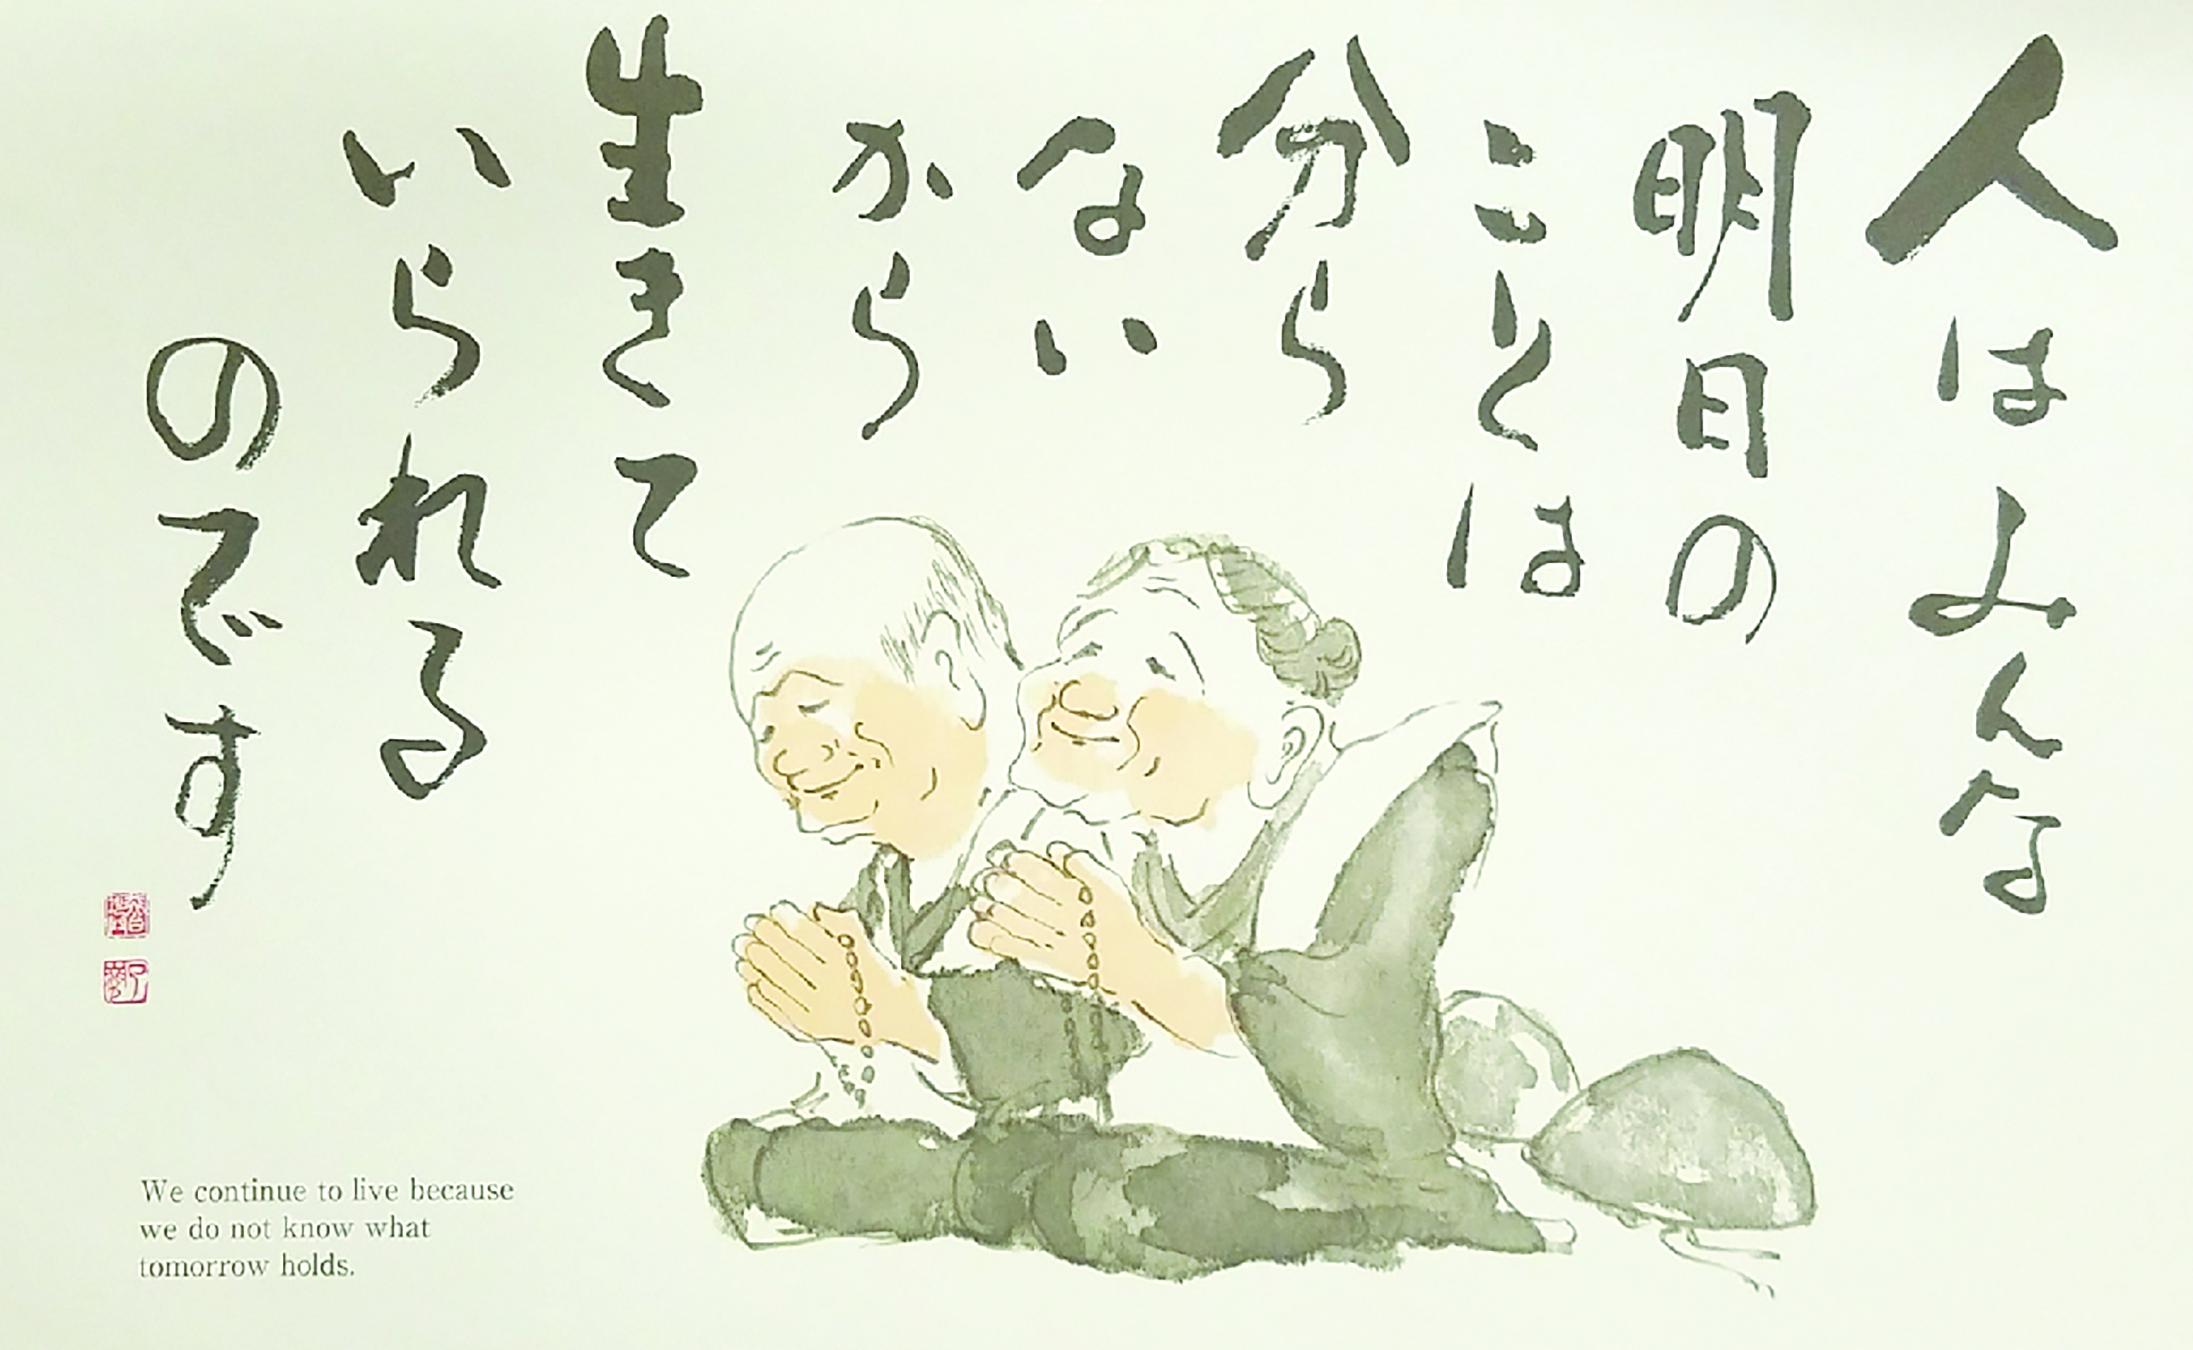 Comic Shushin, Mar. 2 2018 Issue